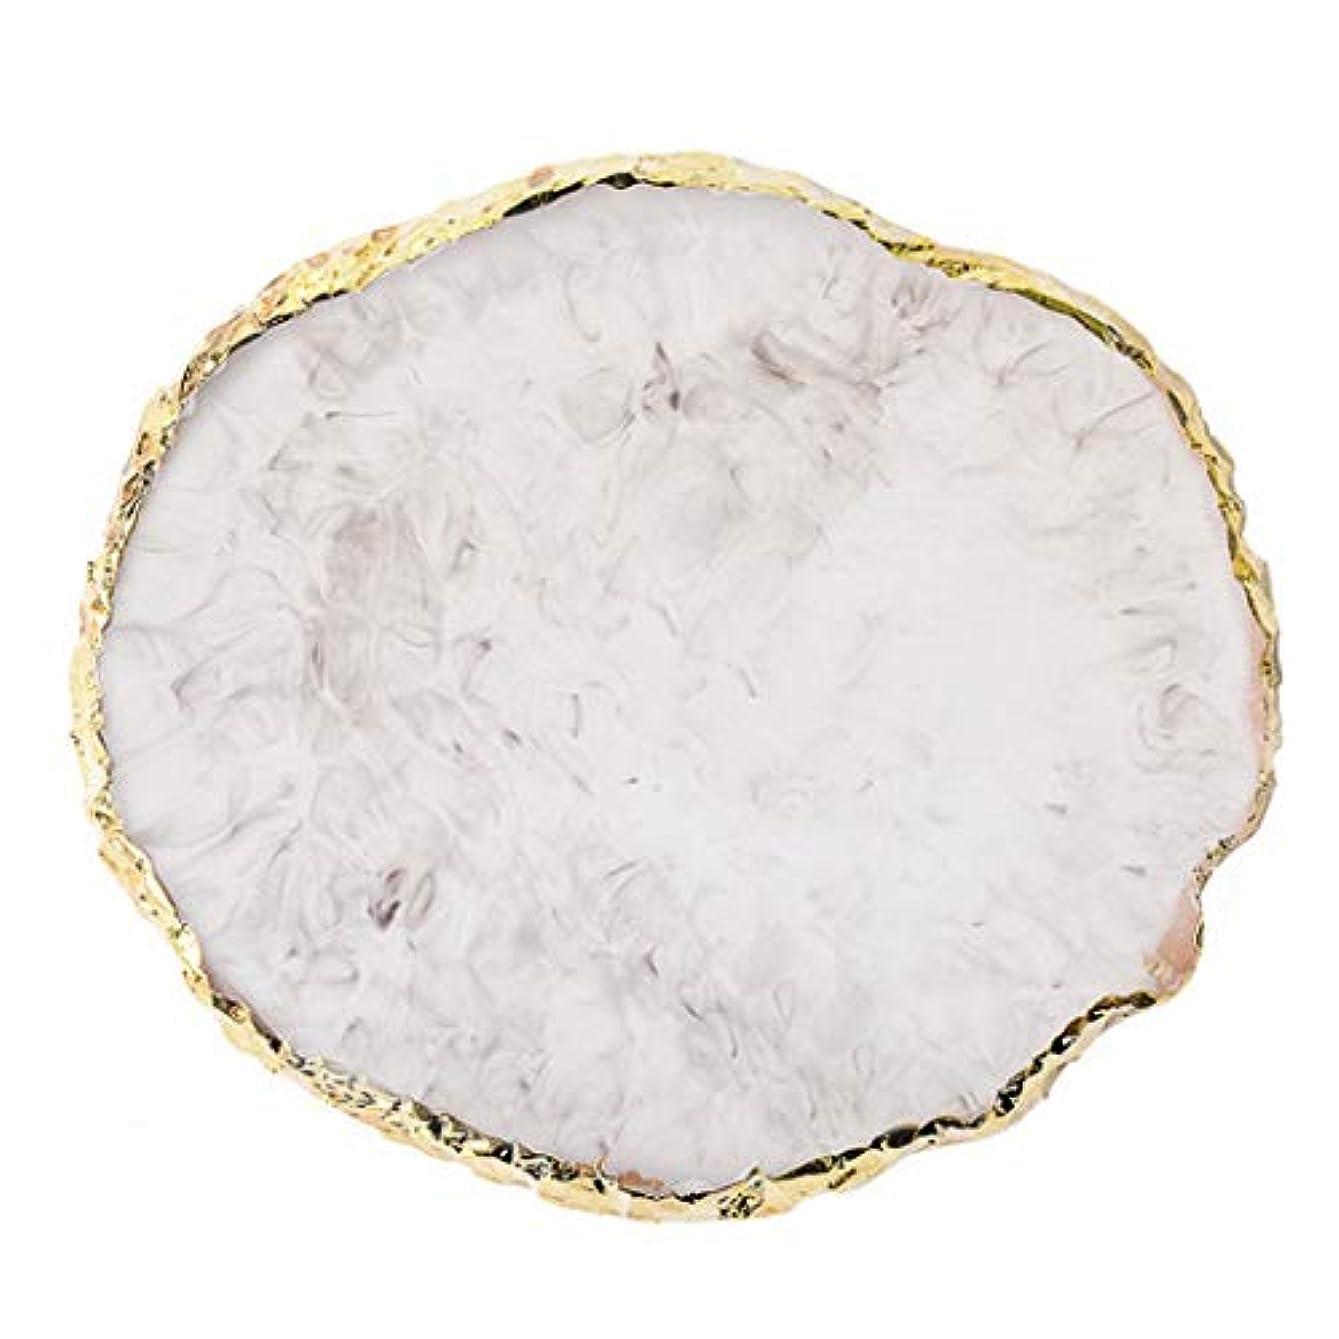 鉱夫壊滅的な一流OU-Kunmlef シンプルな1 pc樹脂ネイルアート塗装ボードを描いてパレットゲル塗装色皿ゴールデンエッジマニキュア釘ディスプレイツール最新(None R)